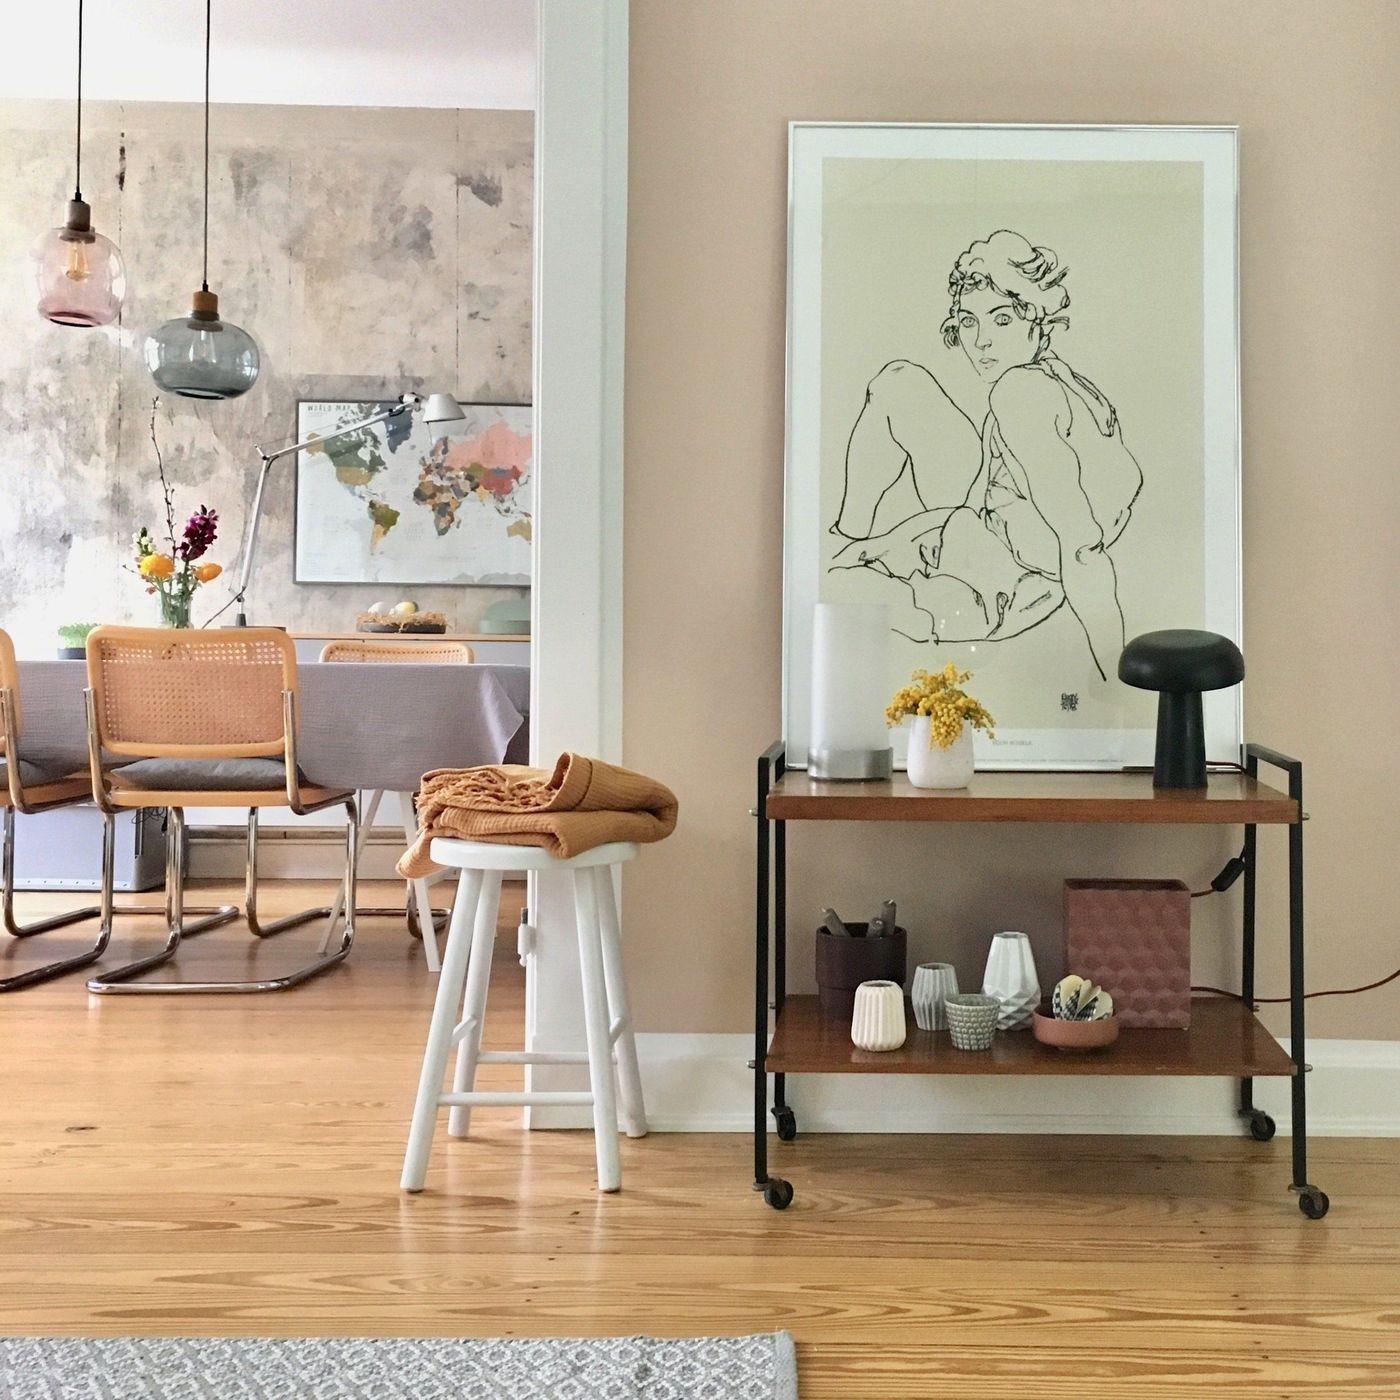 Wandgestaltung Wohnzimmer  Die besten Ideen für Wandgestaltung im Wohnzimmer